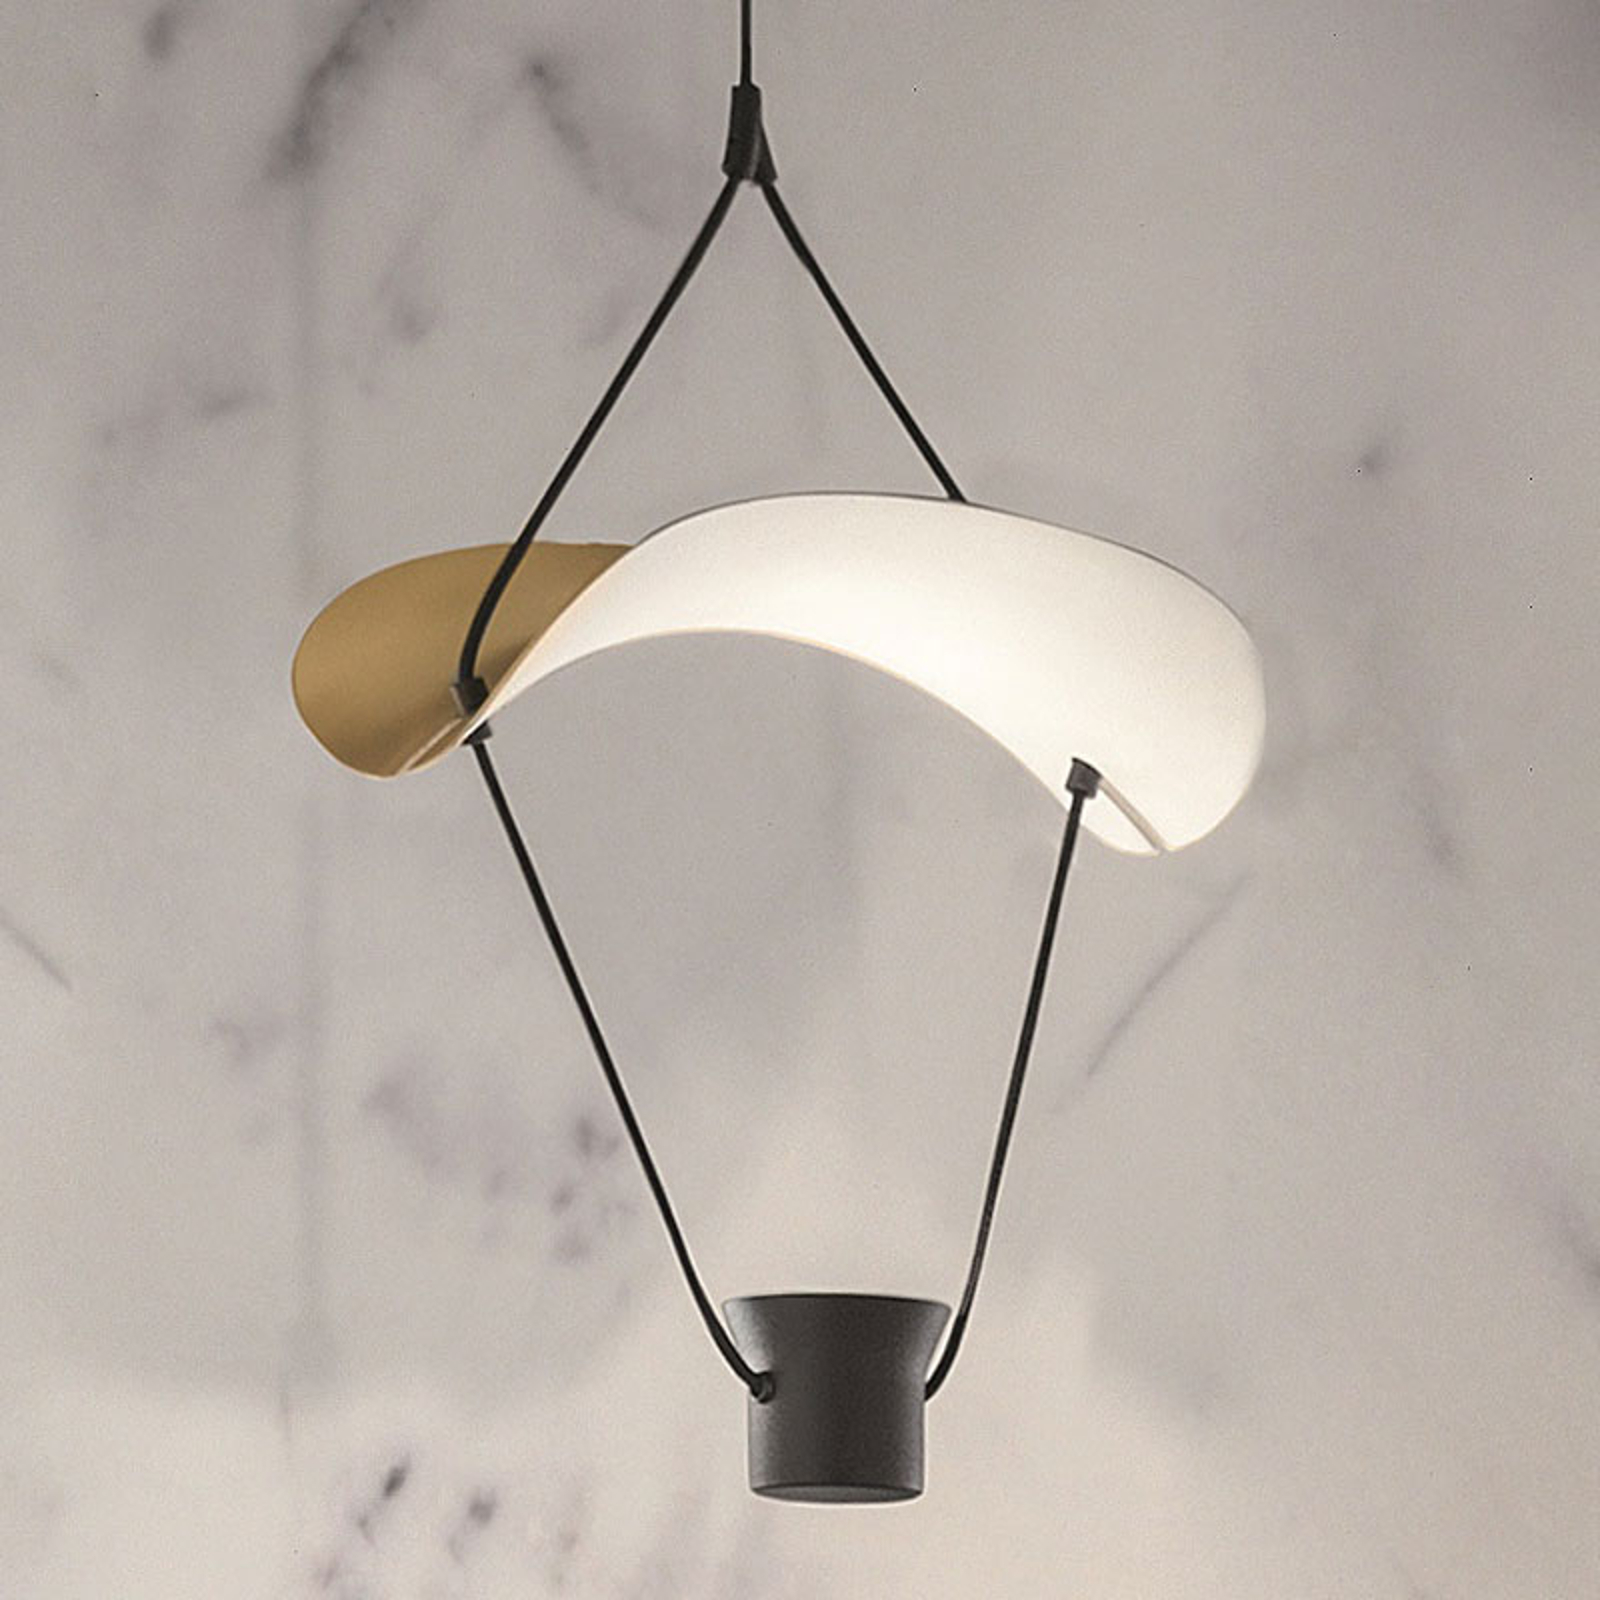 Vollee S1 P LED-hængelampe, 44 cm, up, guld